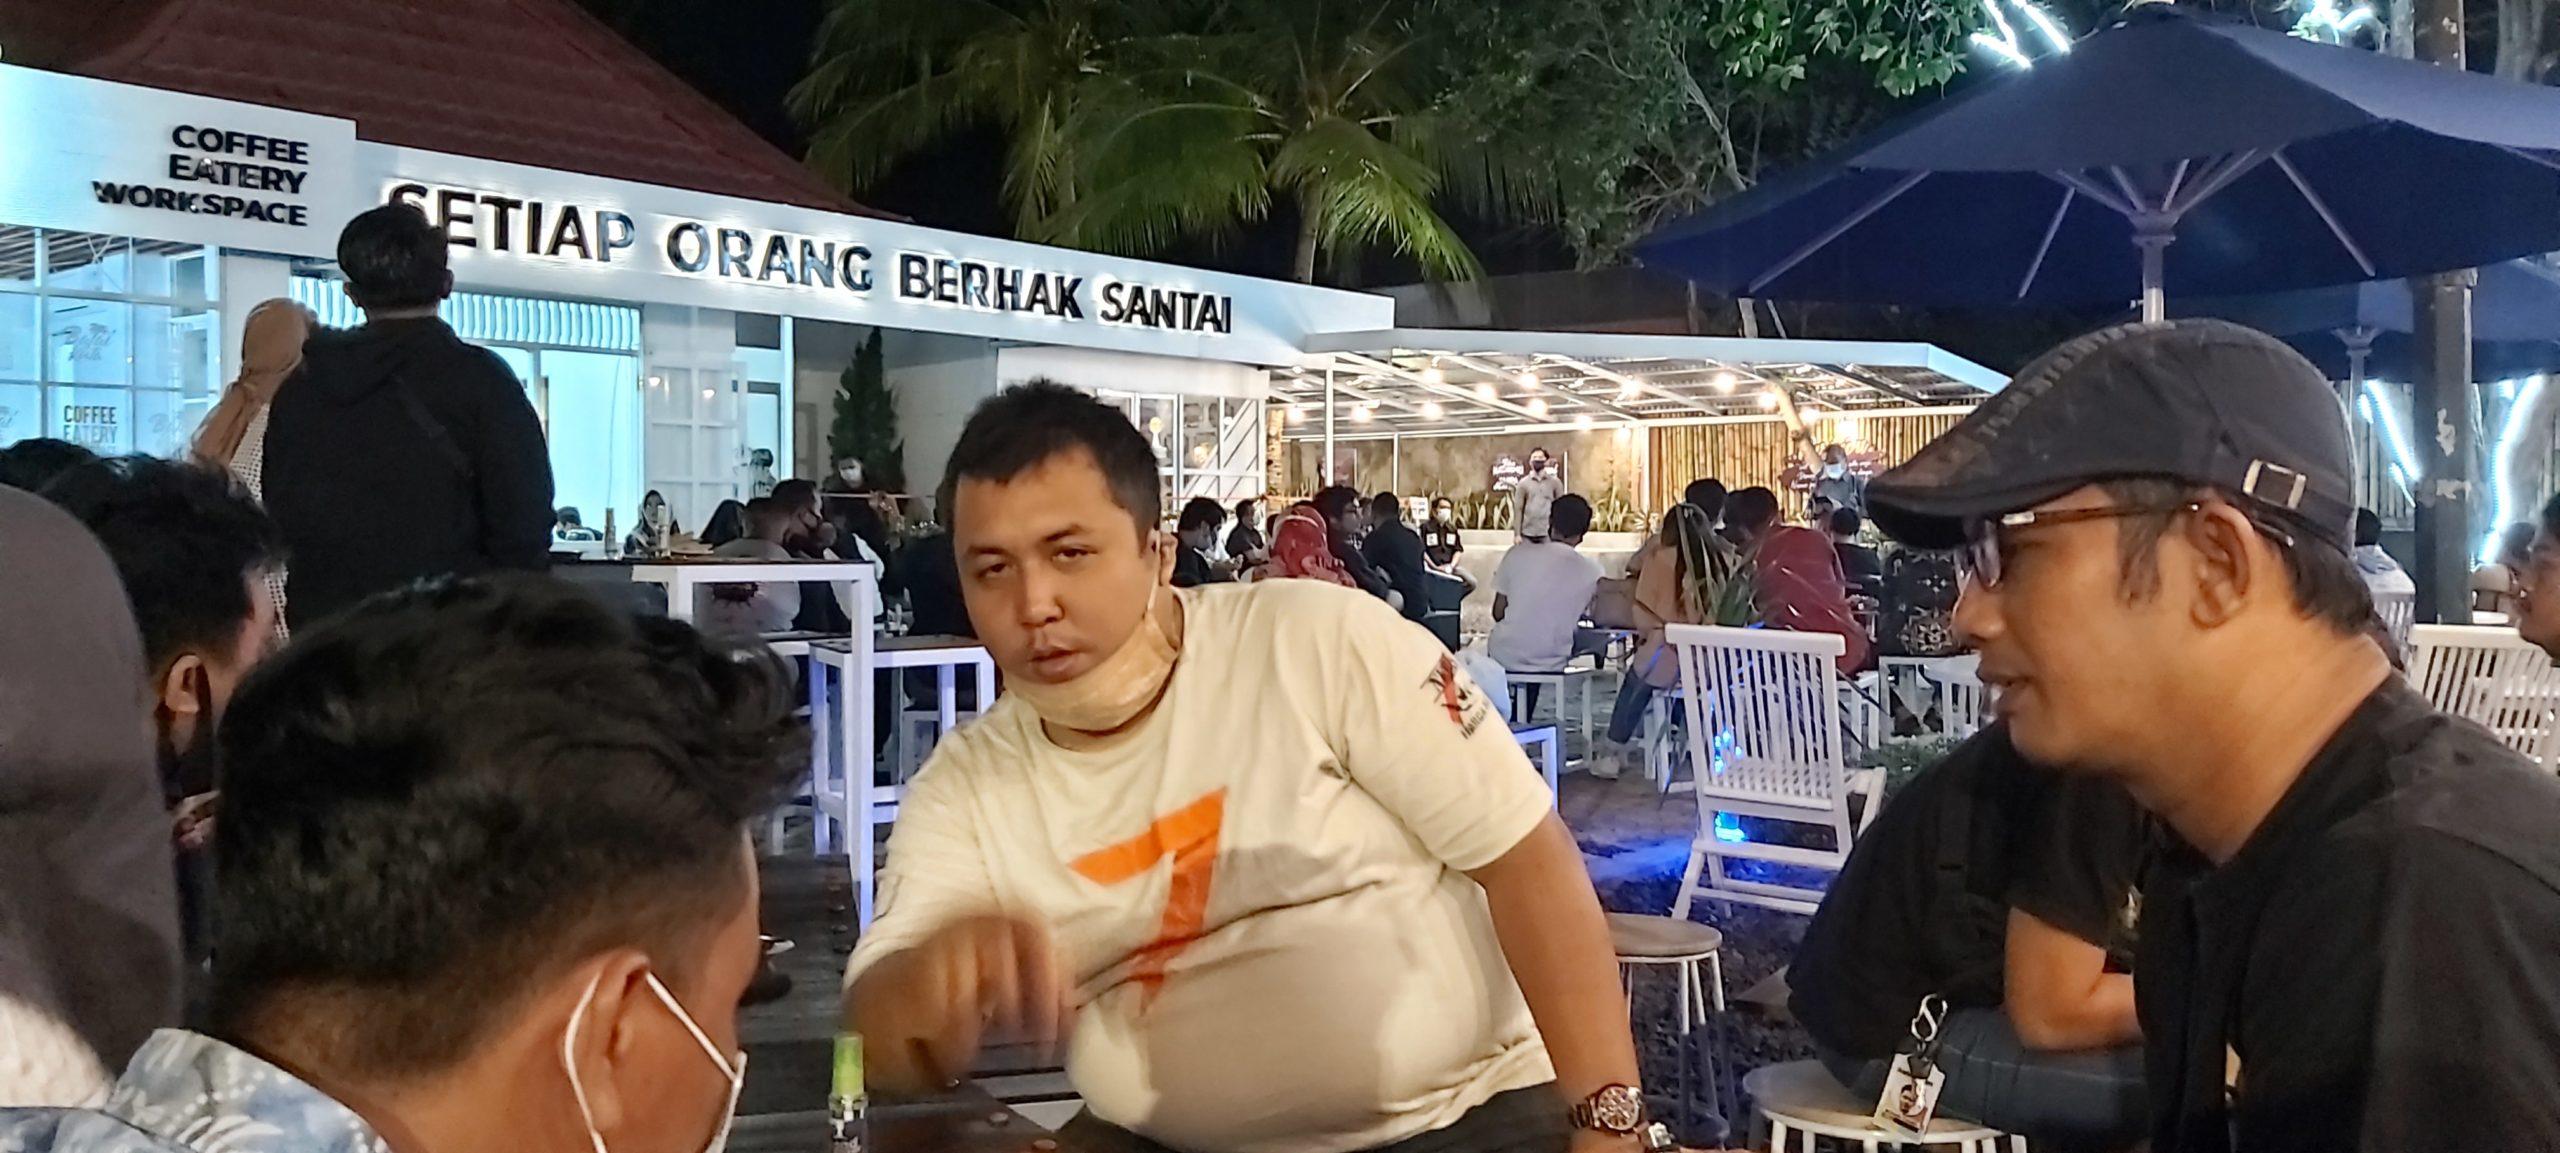 Darmawan Jaya Apresiasi Grand Opening Cafe Balai Kuta Ditengah Pandemi Covid-19 4